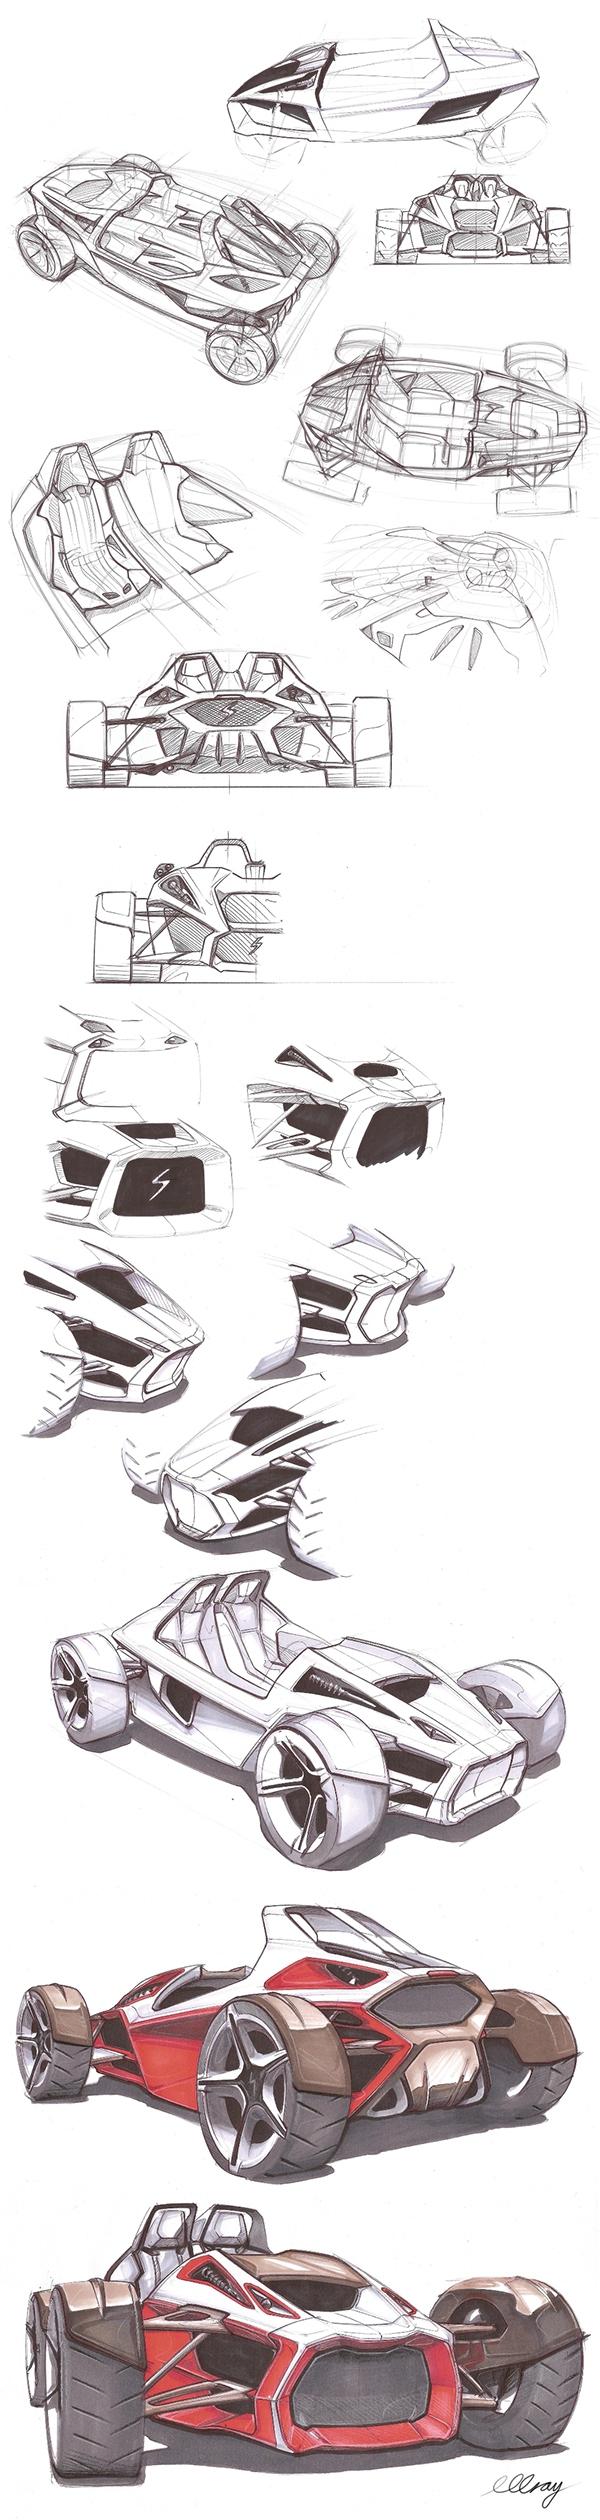 专业跑车草图